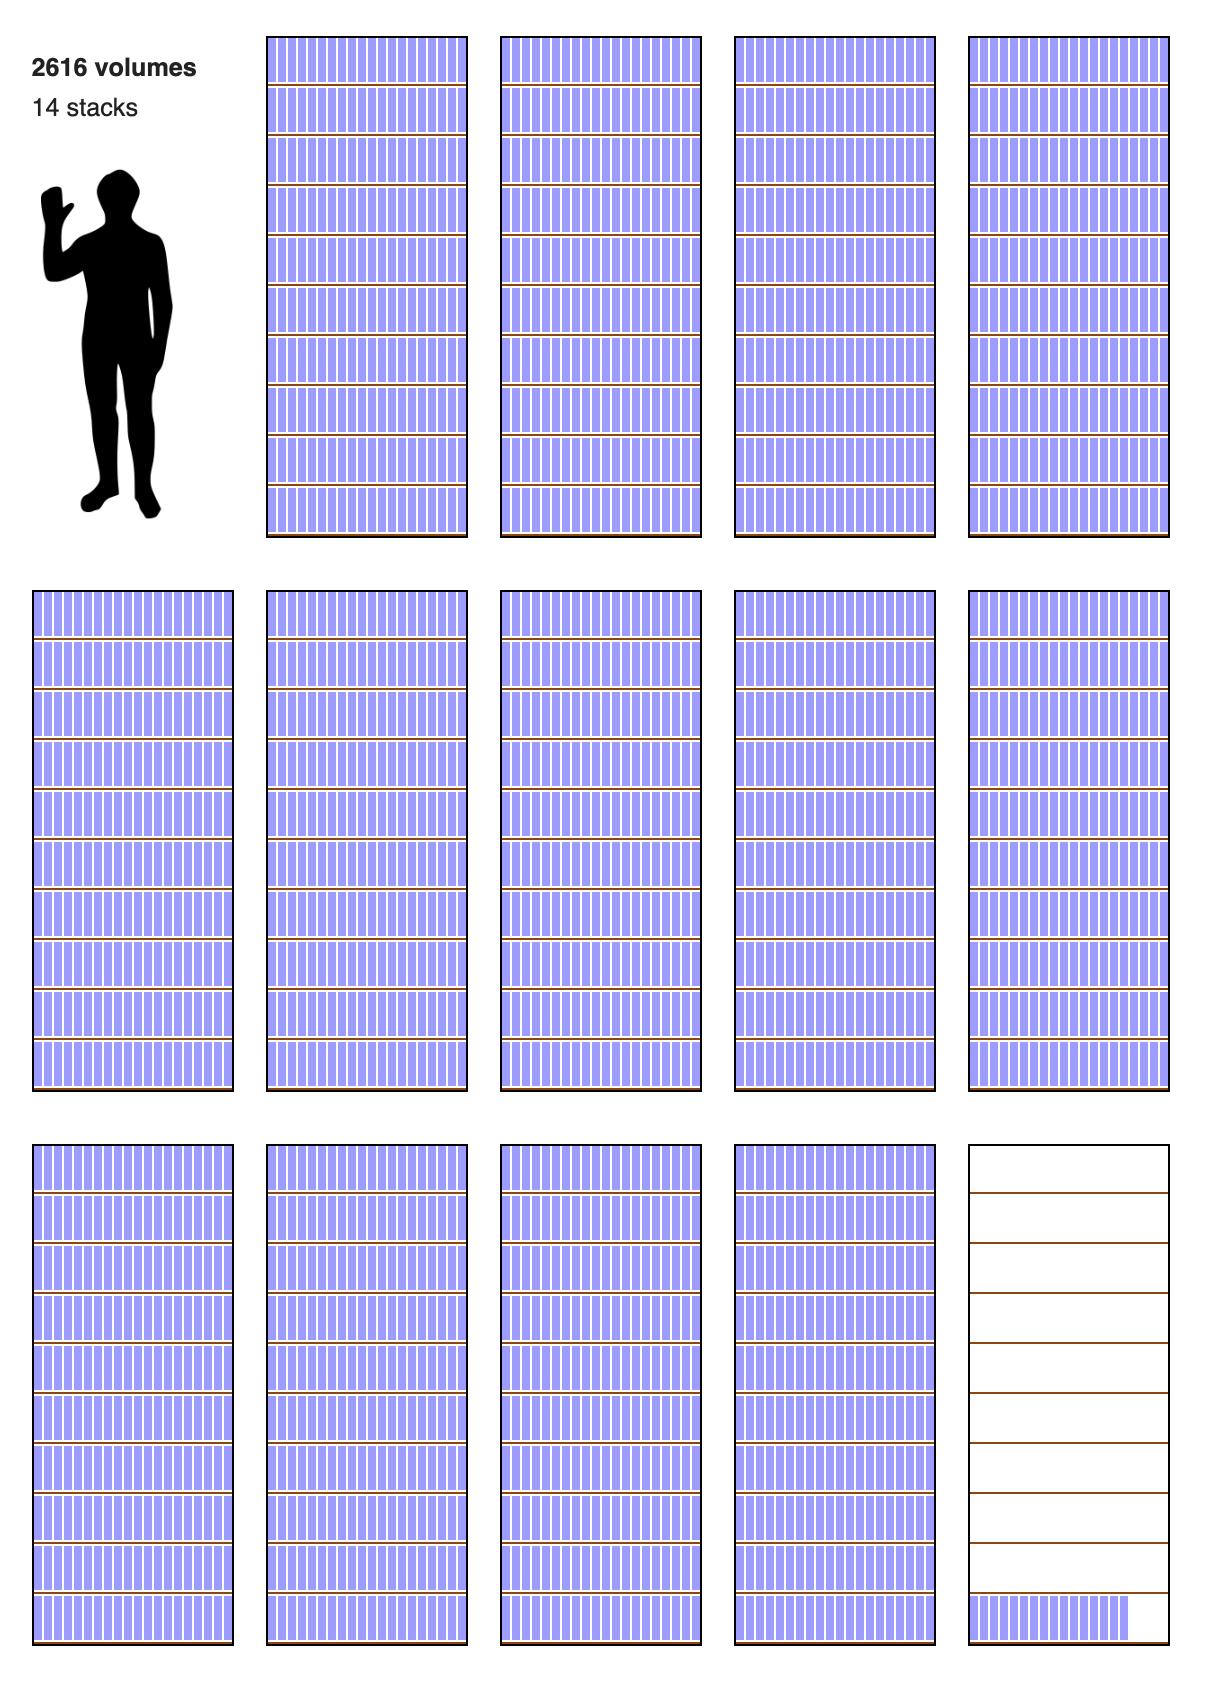 Die aktuelle Größe der englischen Wikipedia (ohne Bilder) in Druckvolumen, per mathematischer Berechnung